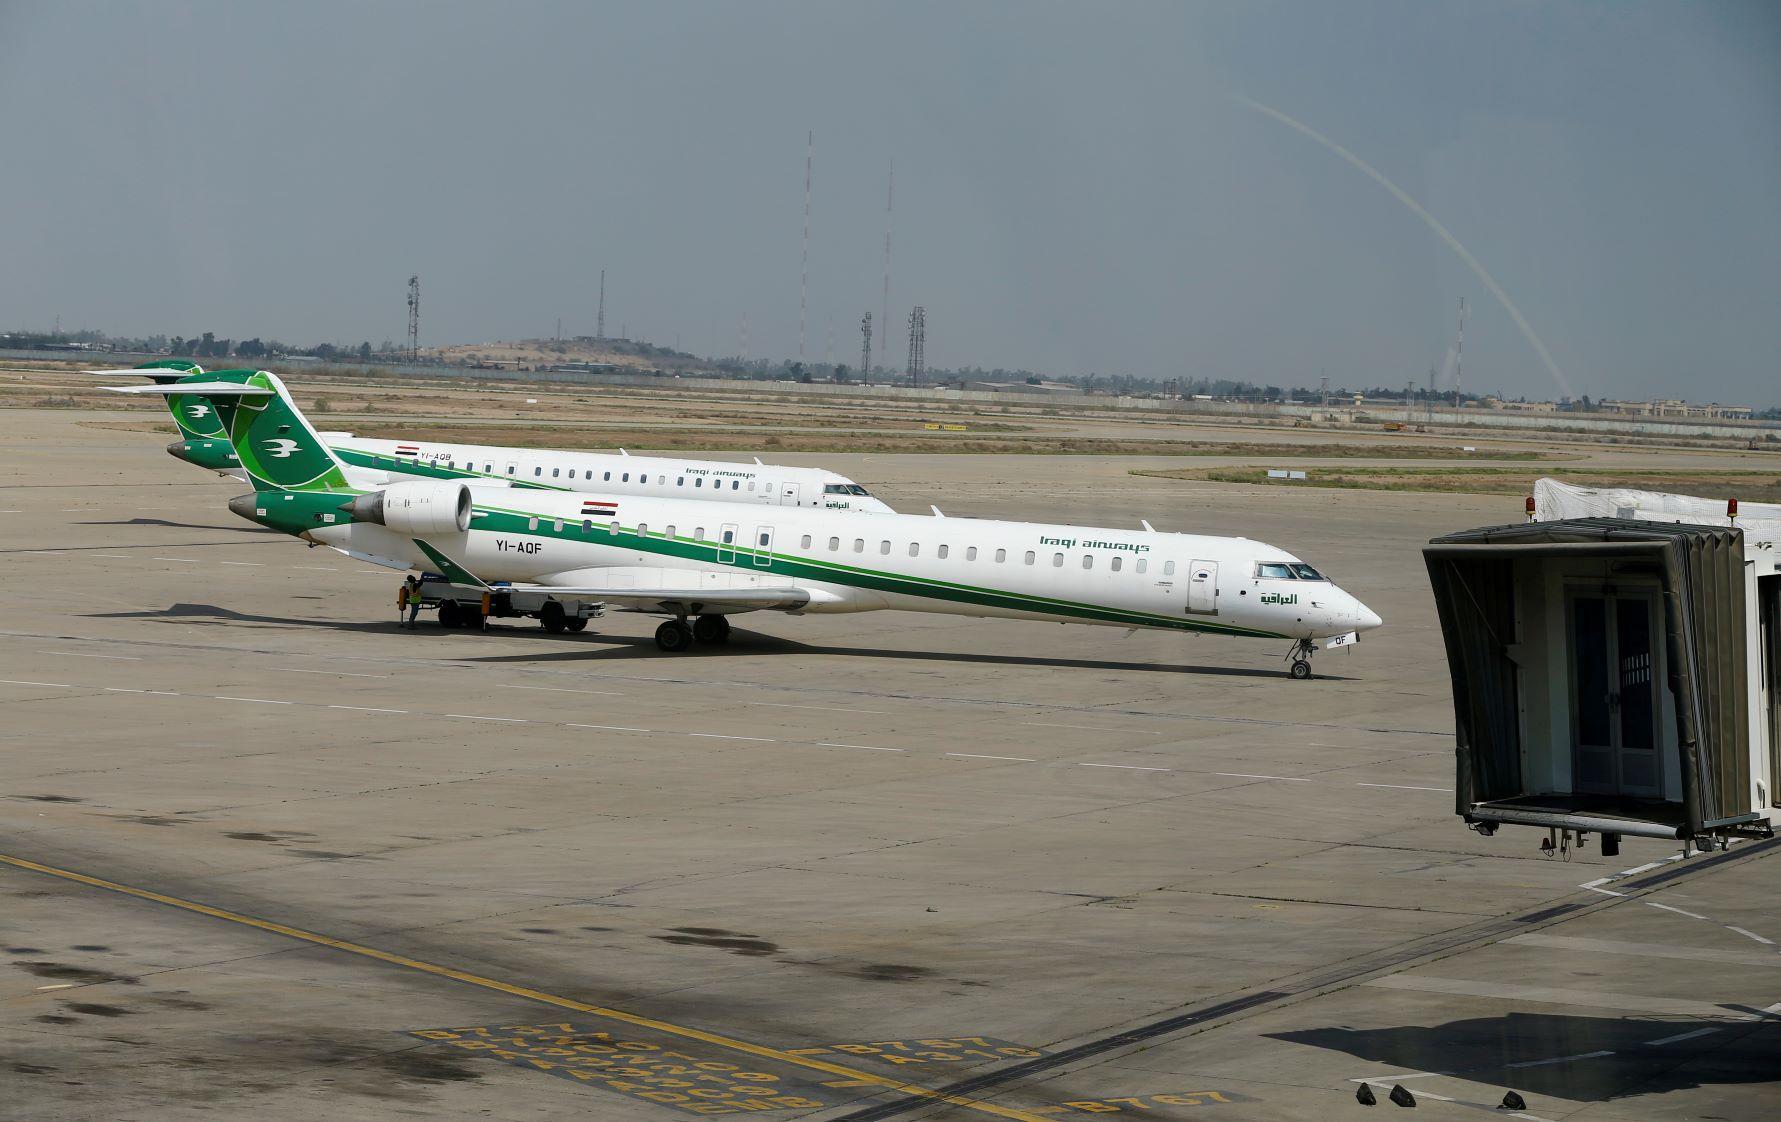 العراق يعلق الرحلات الجوية لرعاياه الوافدين